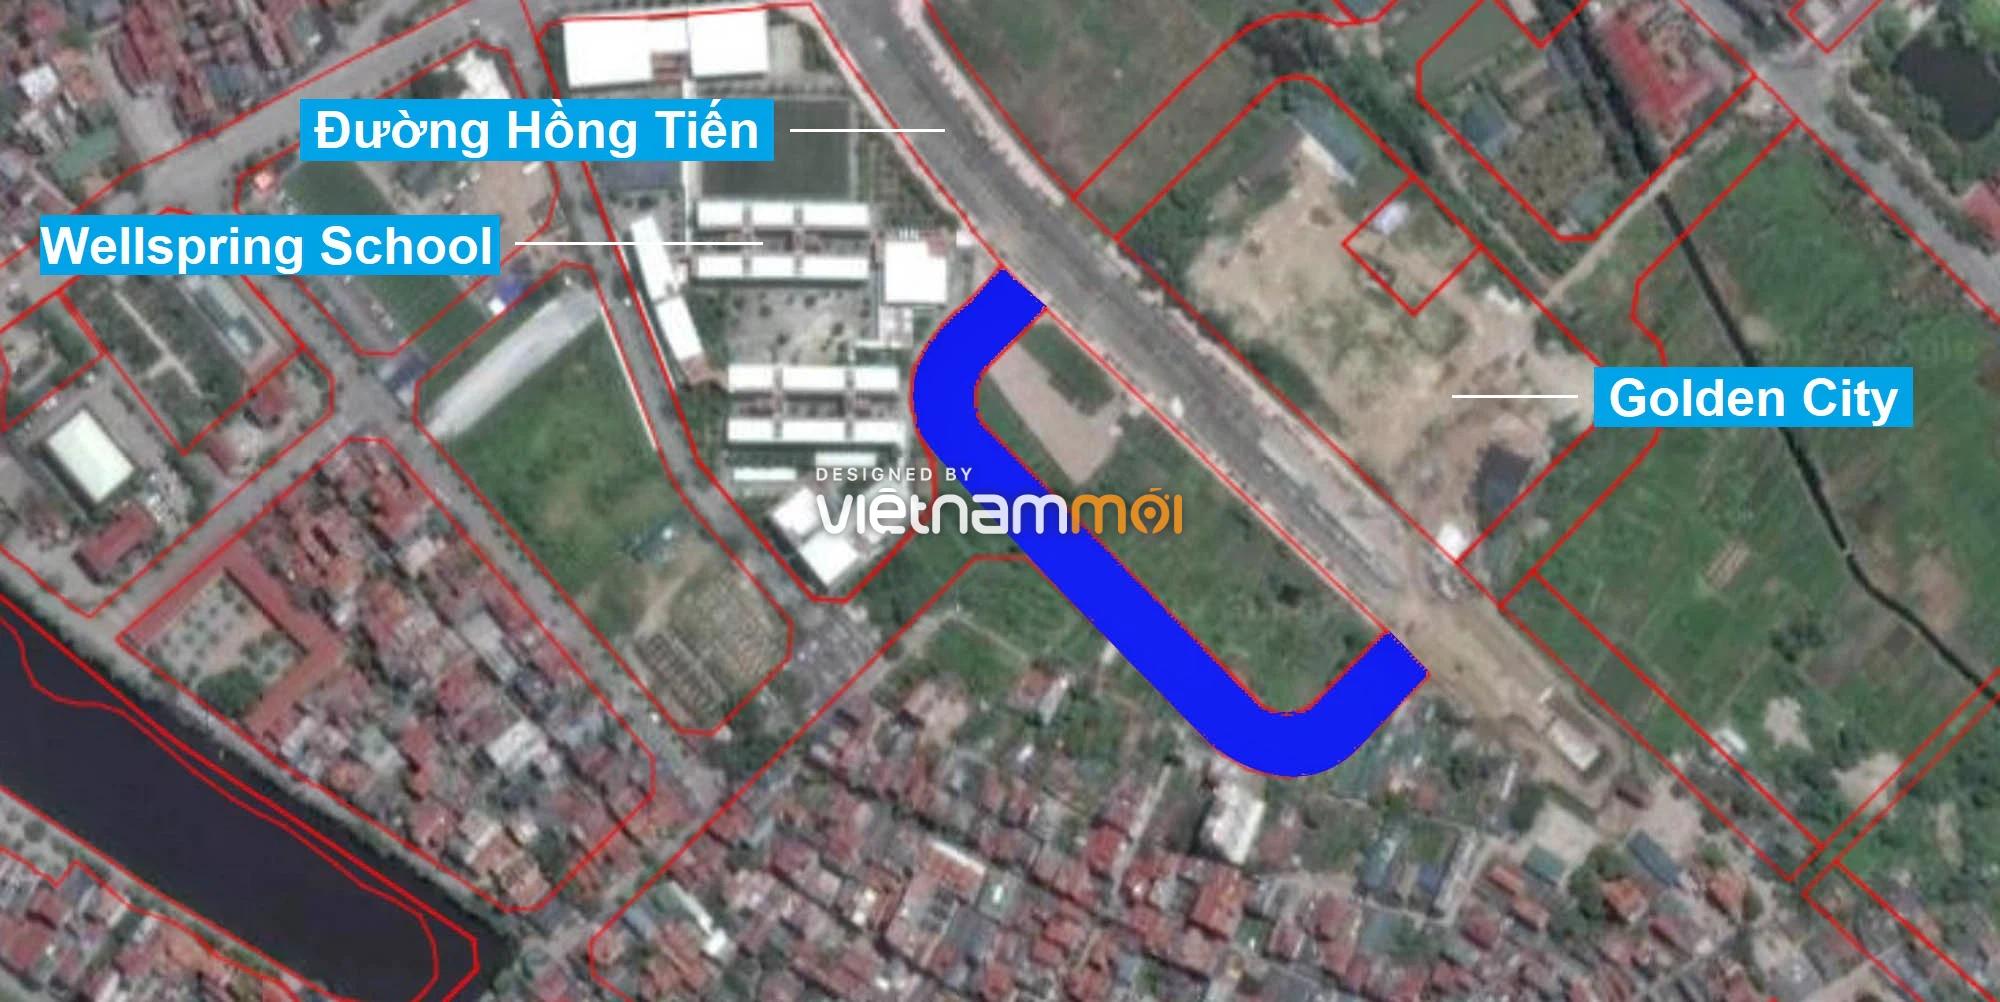 Những khu đất sắp thu hồi để mở đường ở phường Bồ Đề, Long Biên, Hà Nội (phần 2) - Ảnh 2.